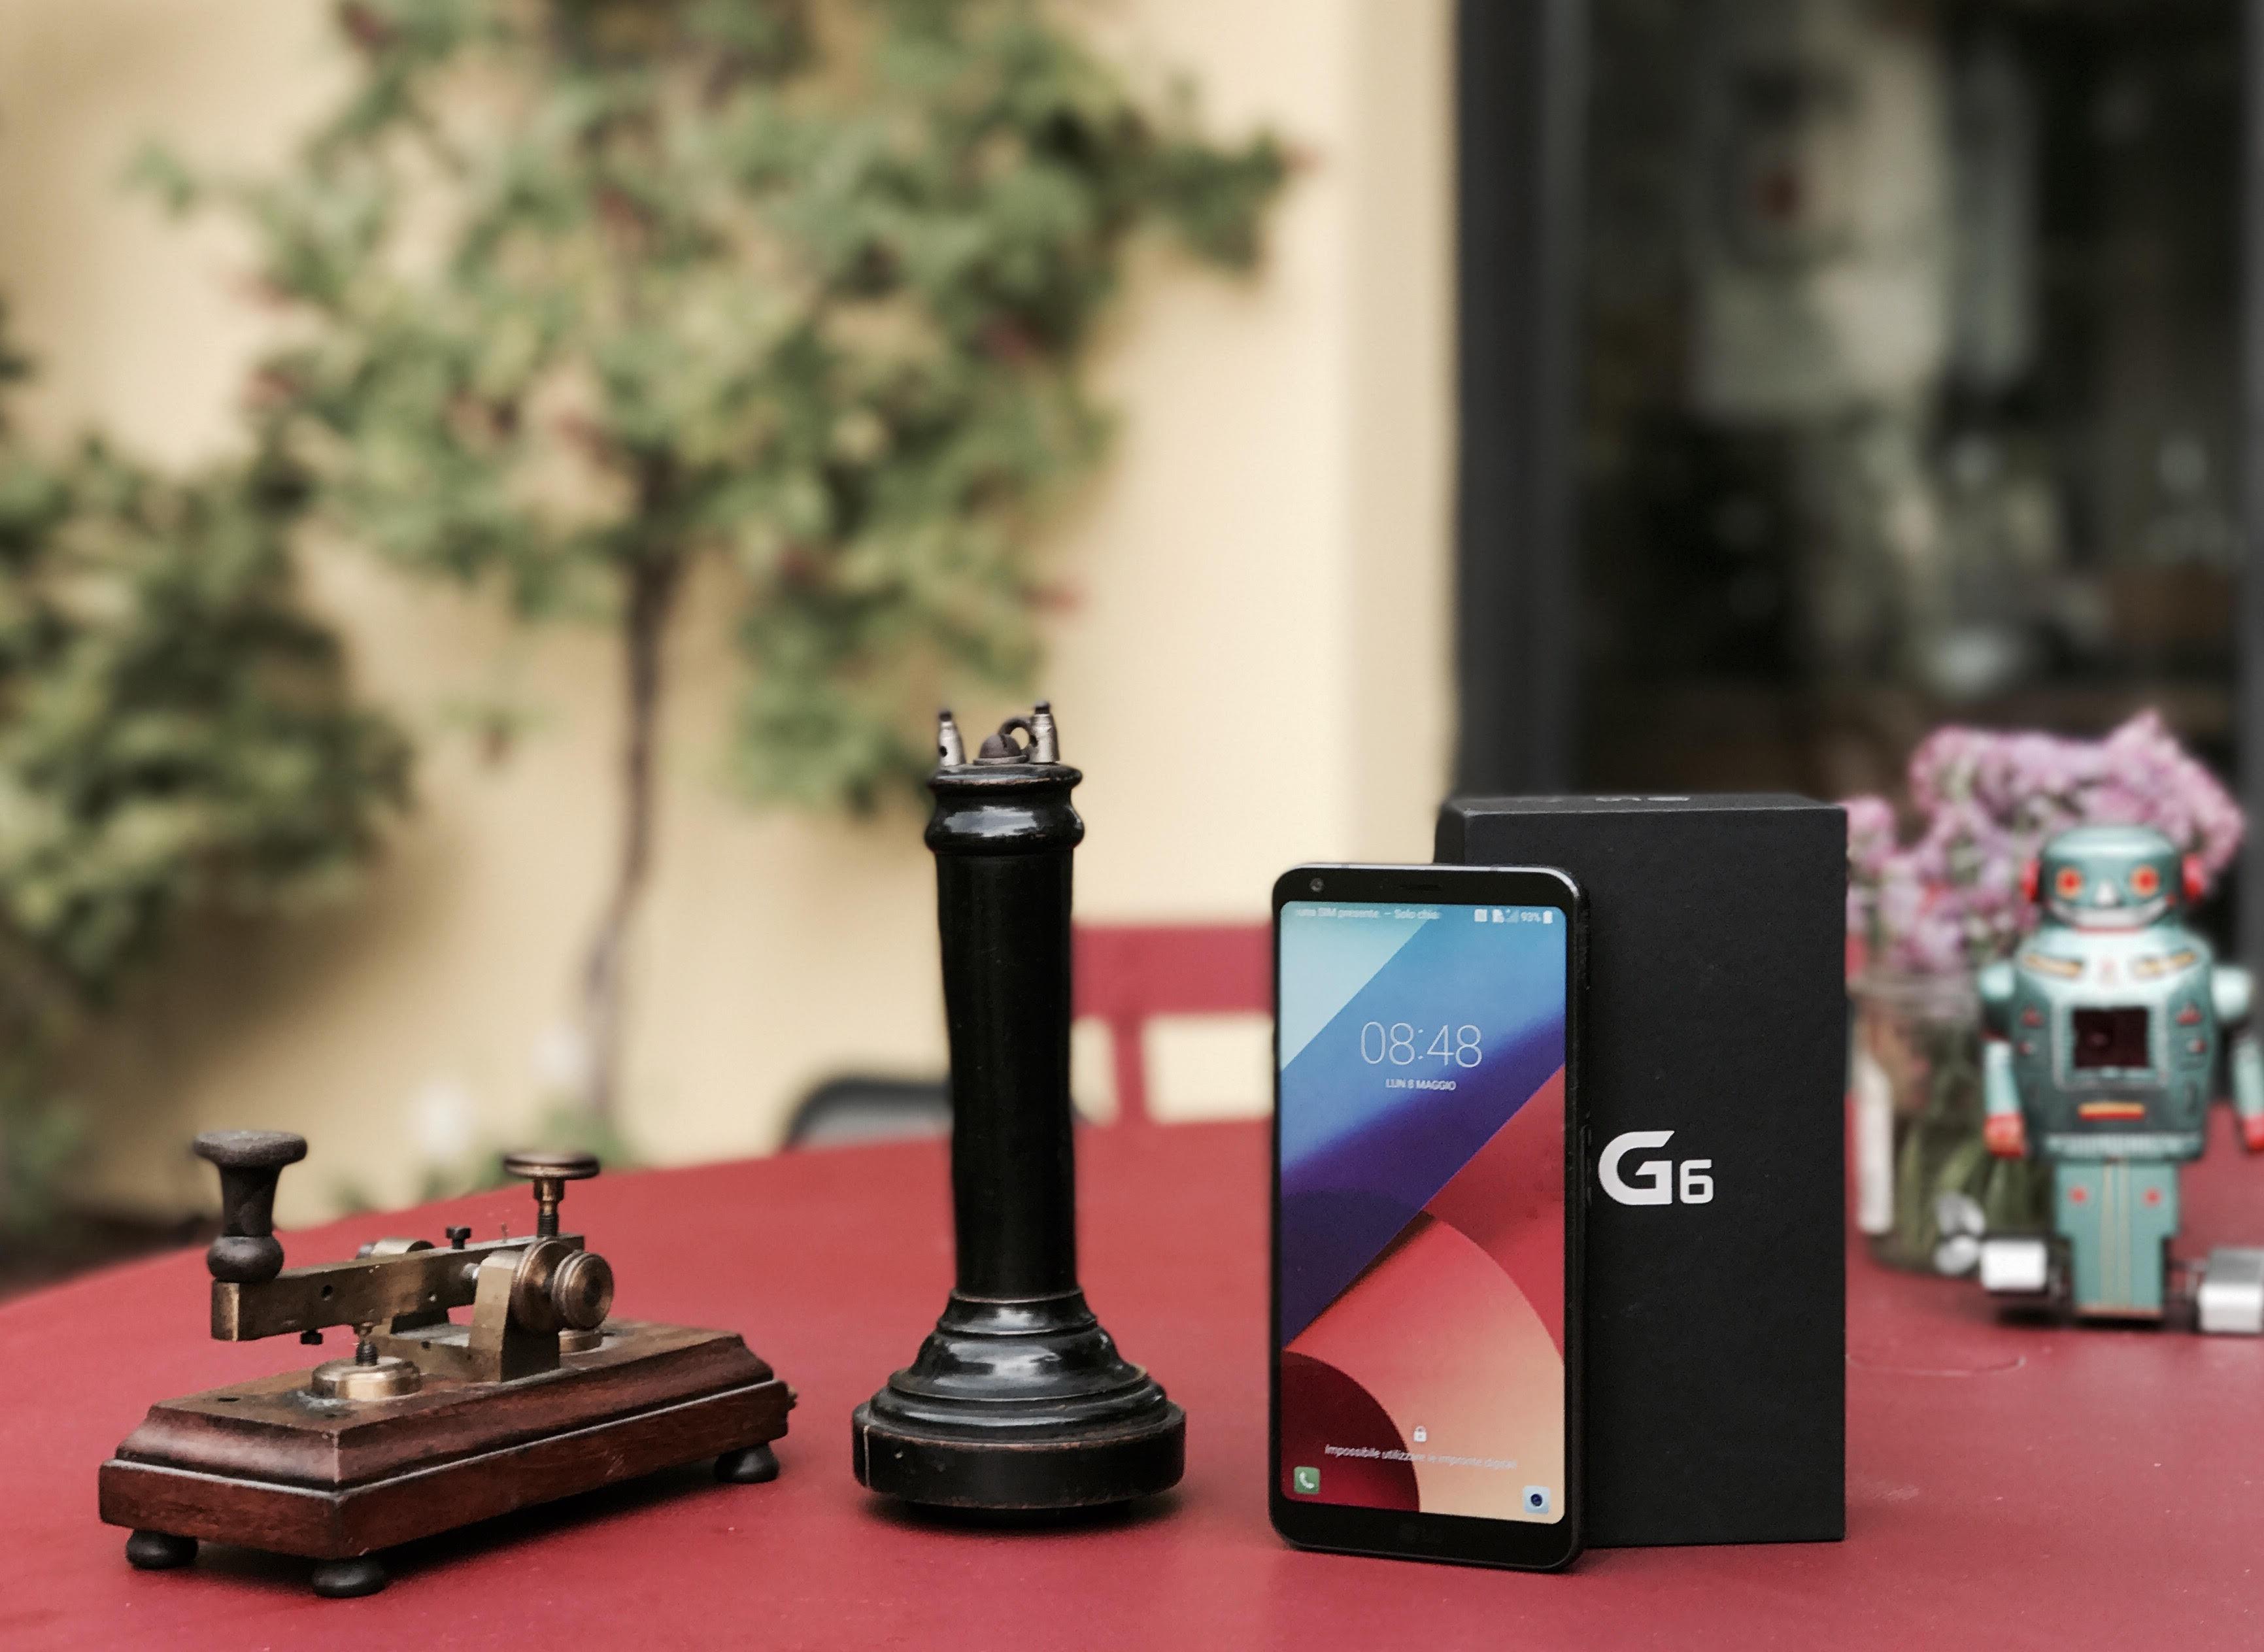 Nuovo smartphone LG G6, che foto!